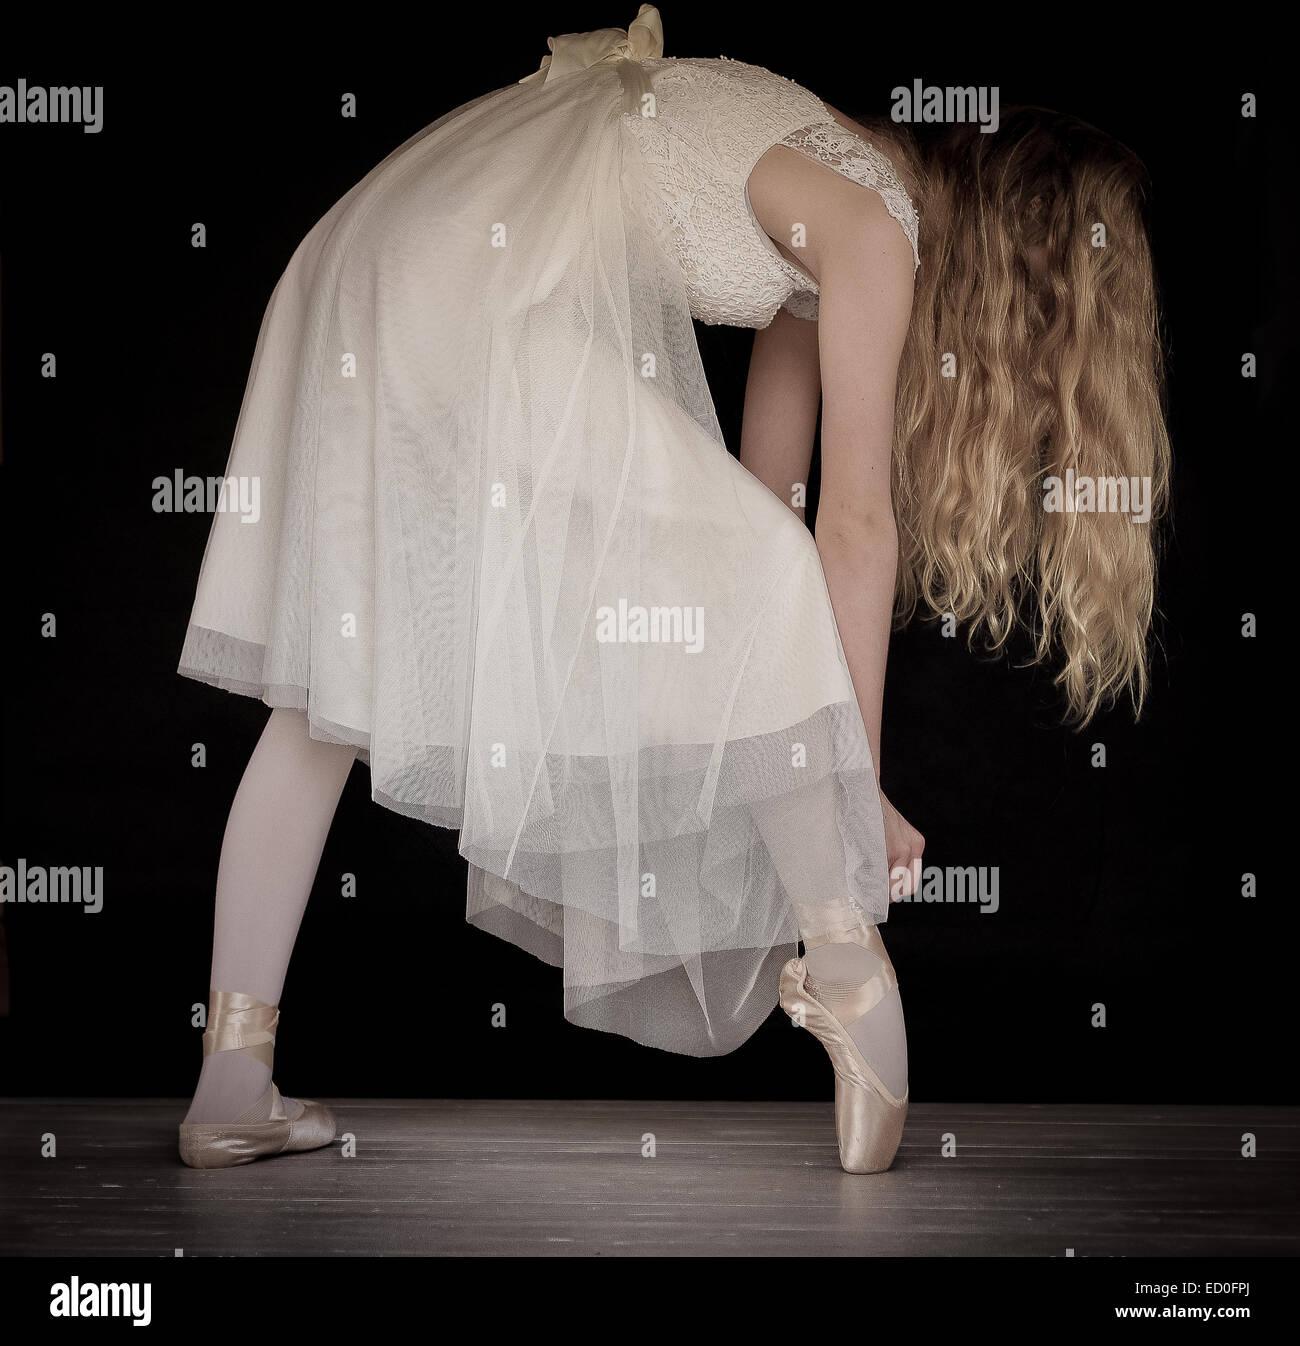 Ballet dancer adjusting ribbon on ballet shoes - Stock Image